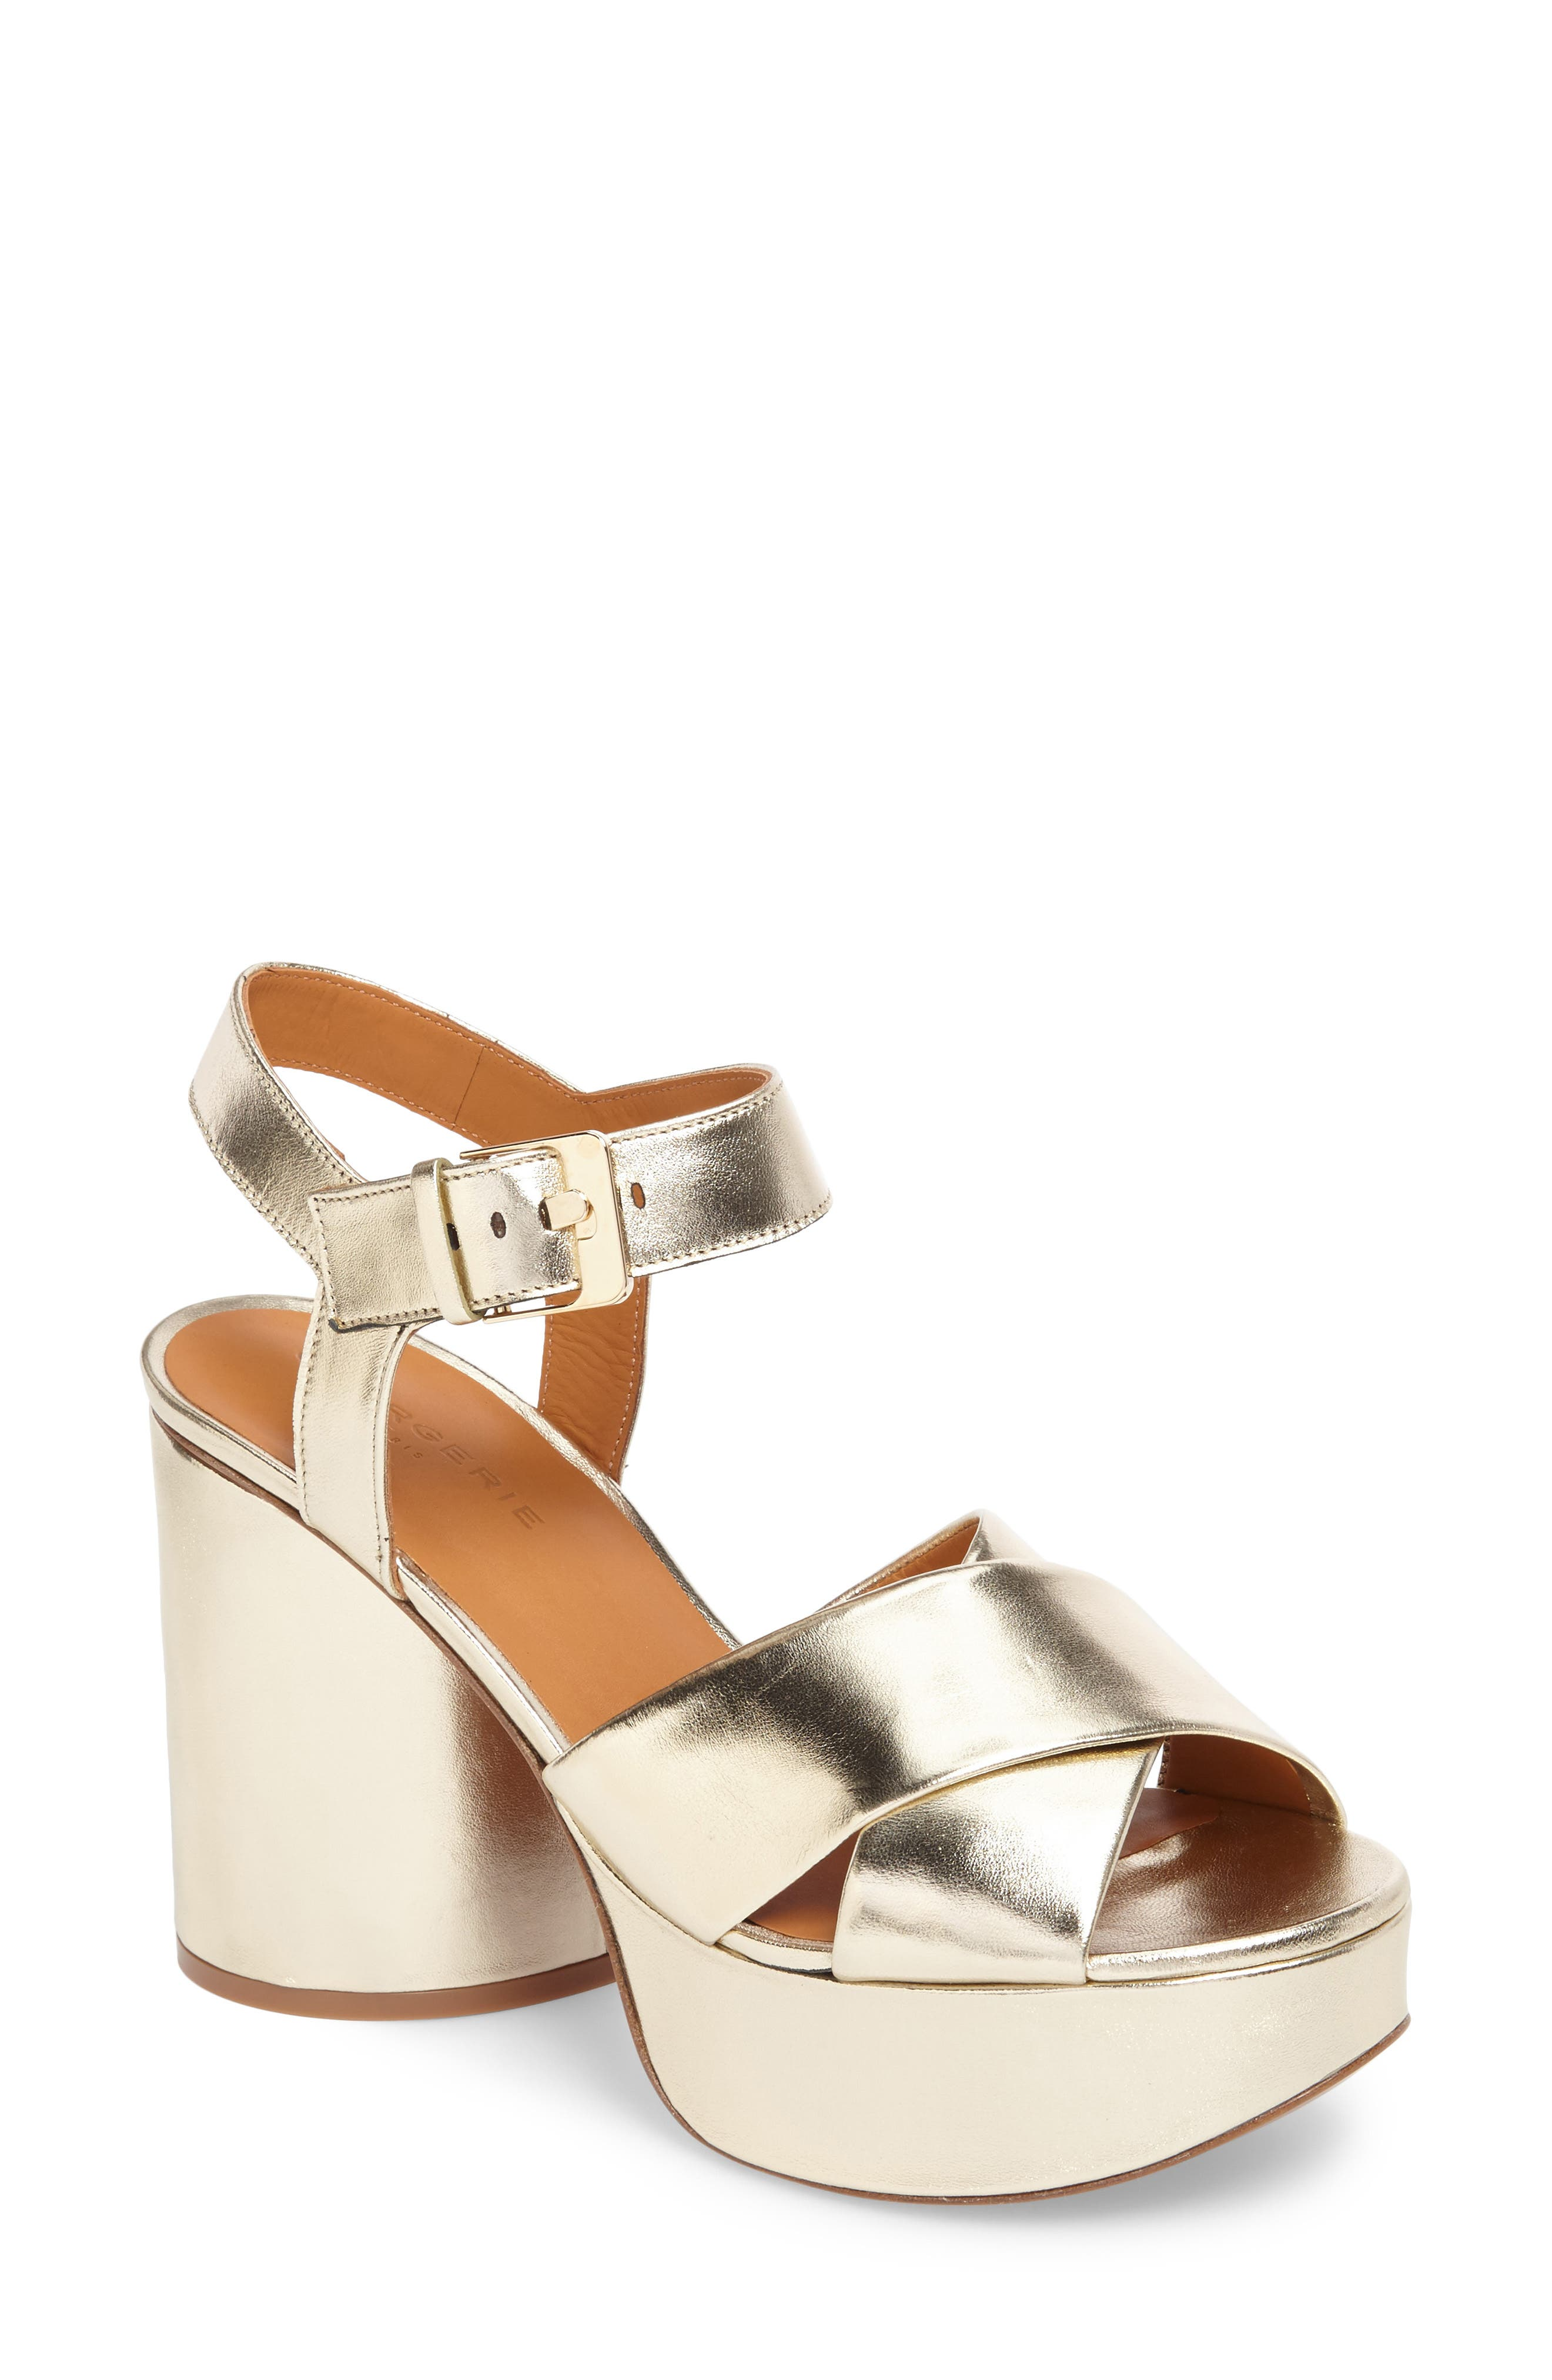 Vianne Ankle Strap Platform Sandal,                         Main,                         color, Metallic Gold